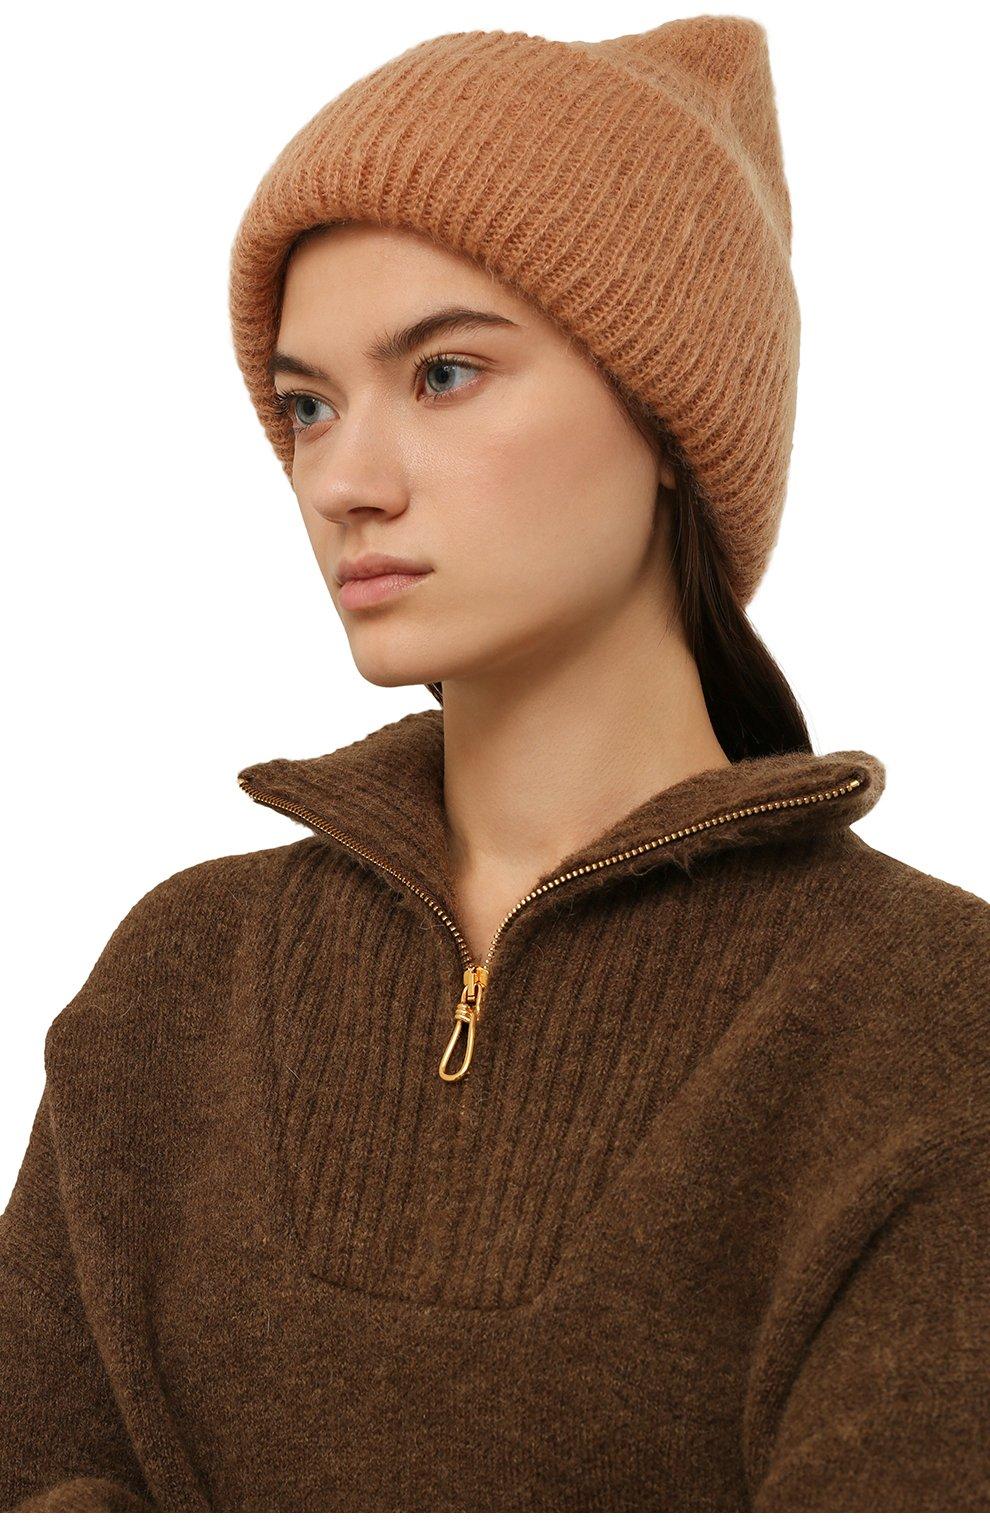 Женская шапка TAK.ORI бежевого цвета, арт. HTK50027WM050AW19 | Фото 2 (Материал: Текстиль, Шерсть, Синтетический материал; Статус проверки: Проверено, Проверена категория)